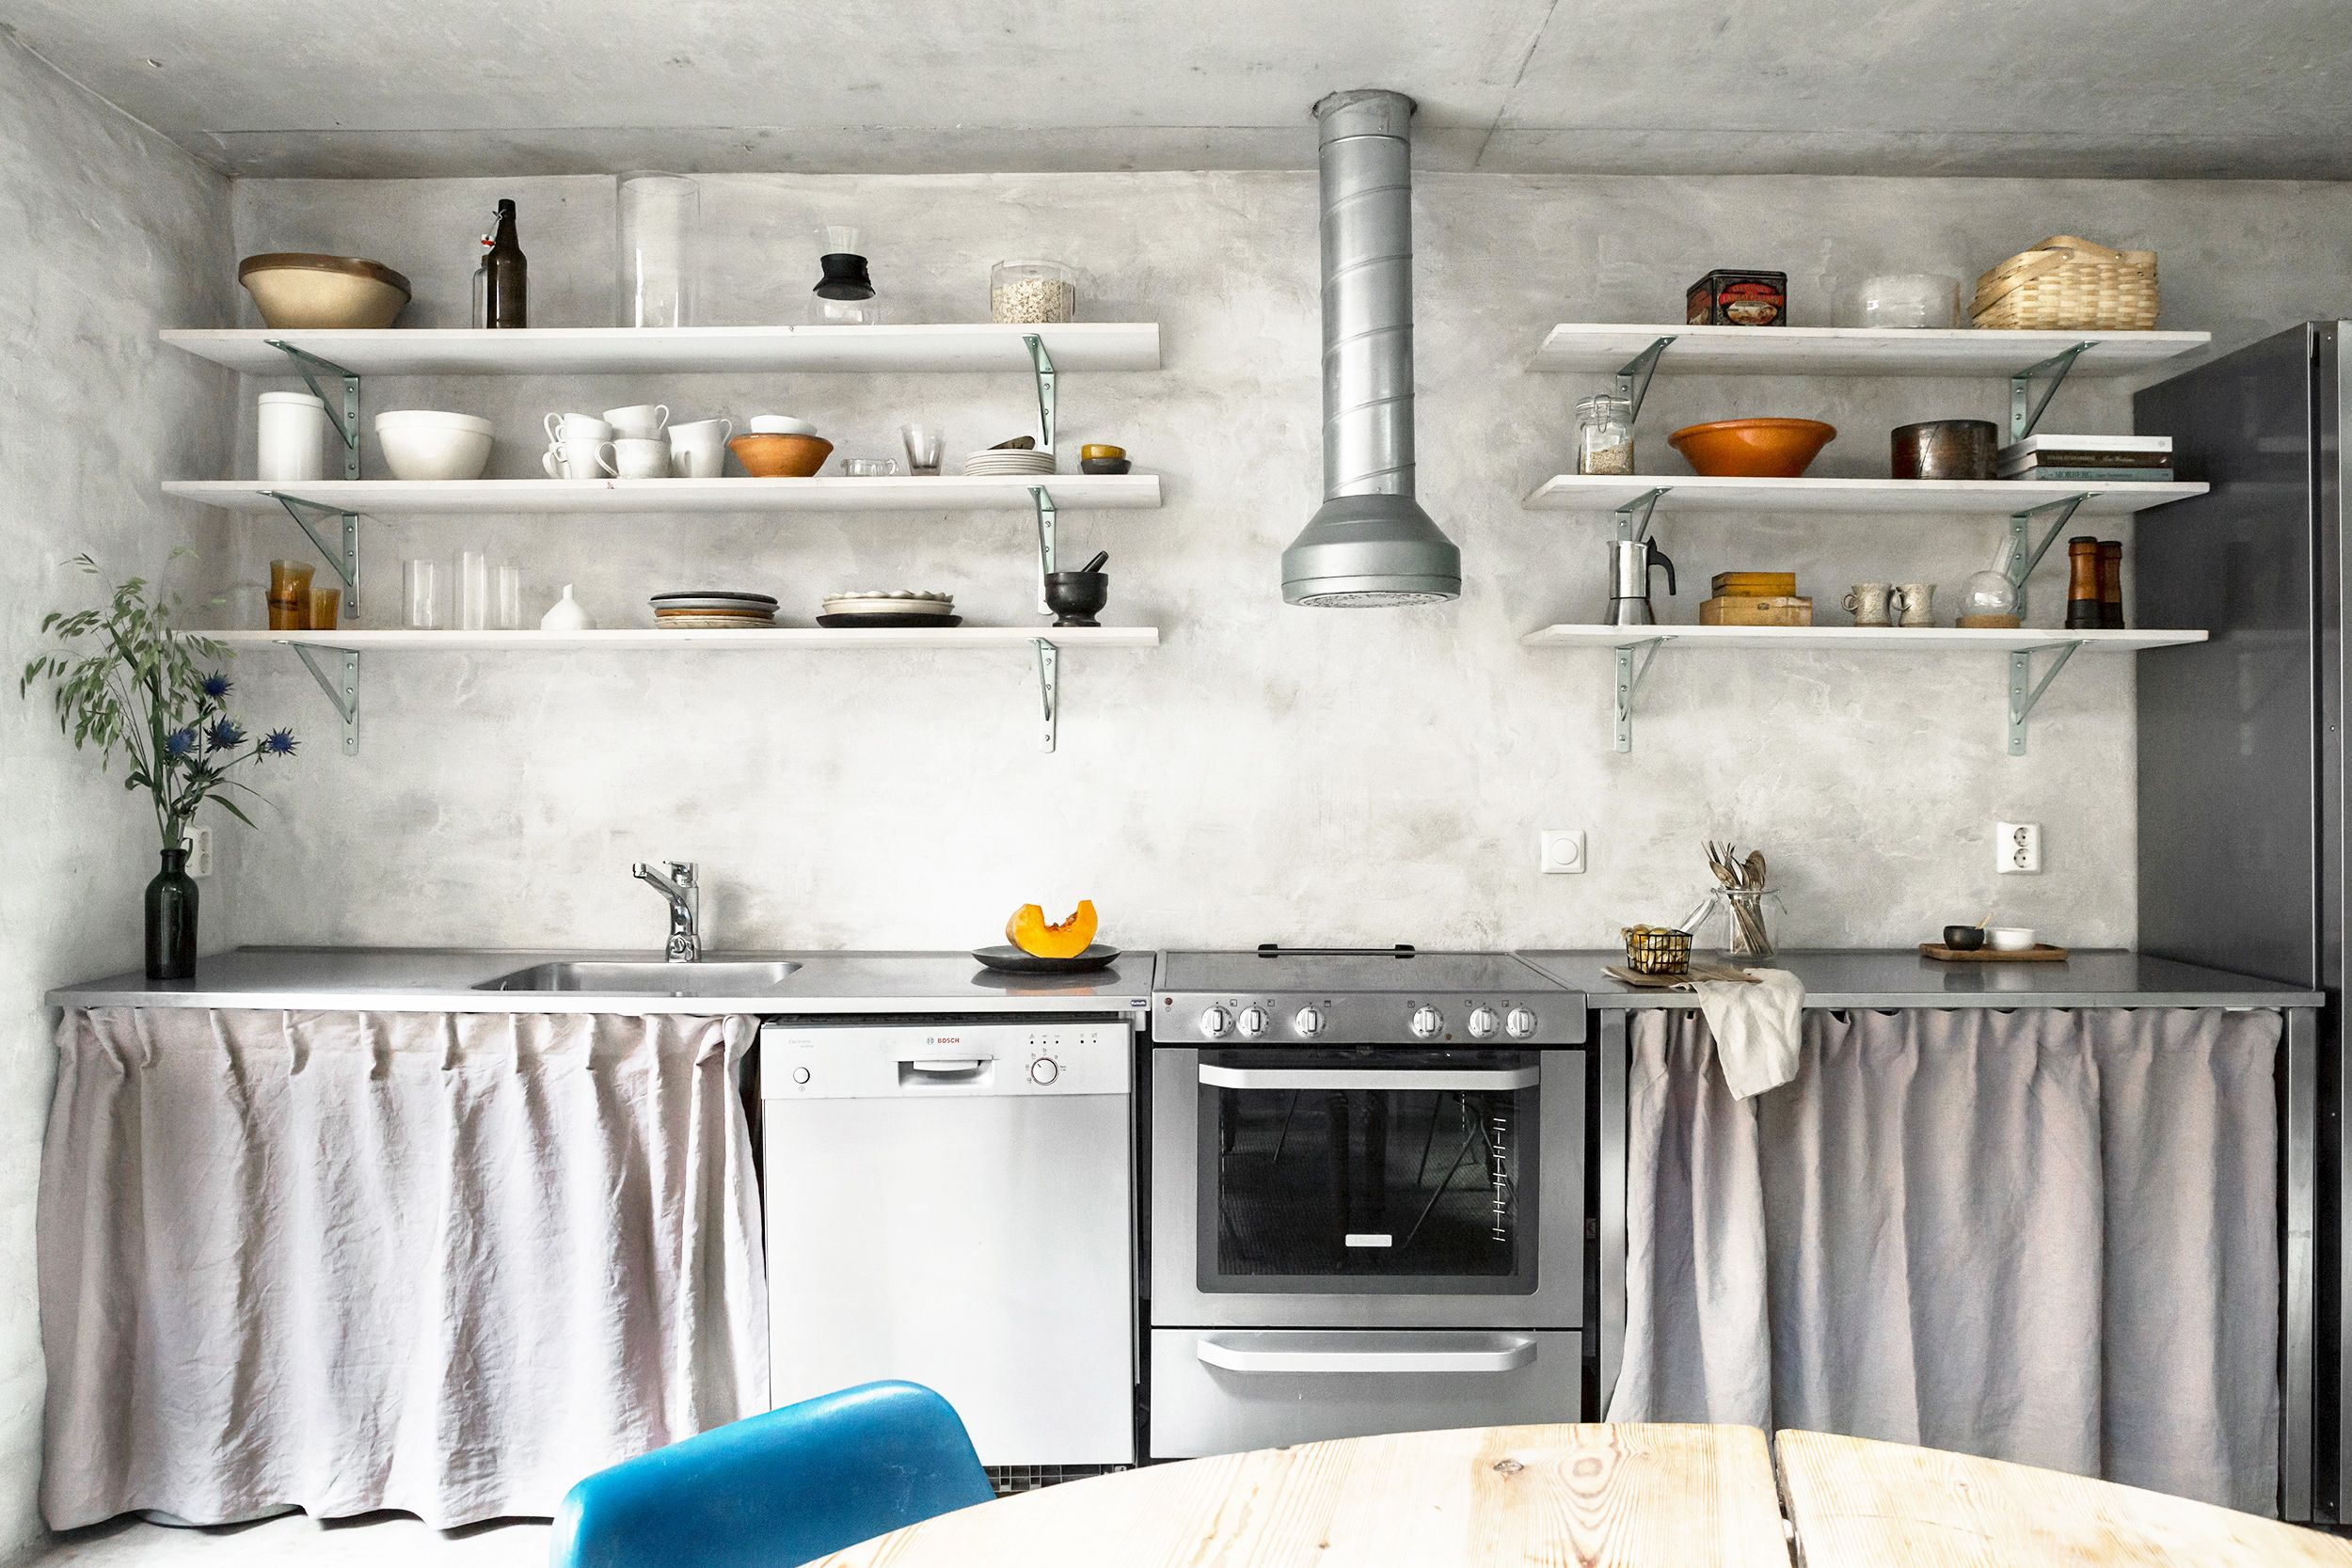 12 Kitchen Cabinet Design Ideas 12 - Unique Kitchen Cabinet Styles